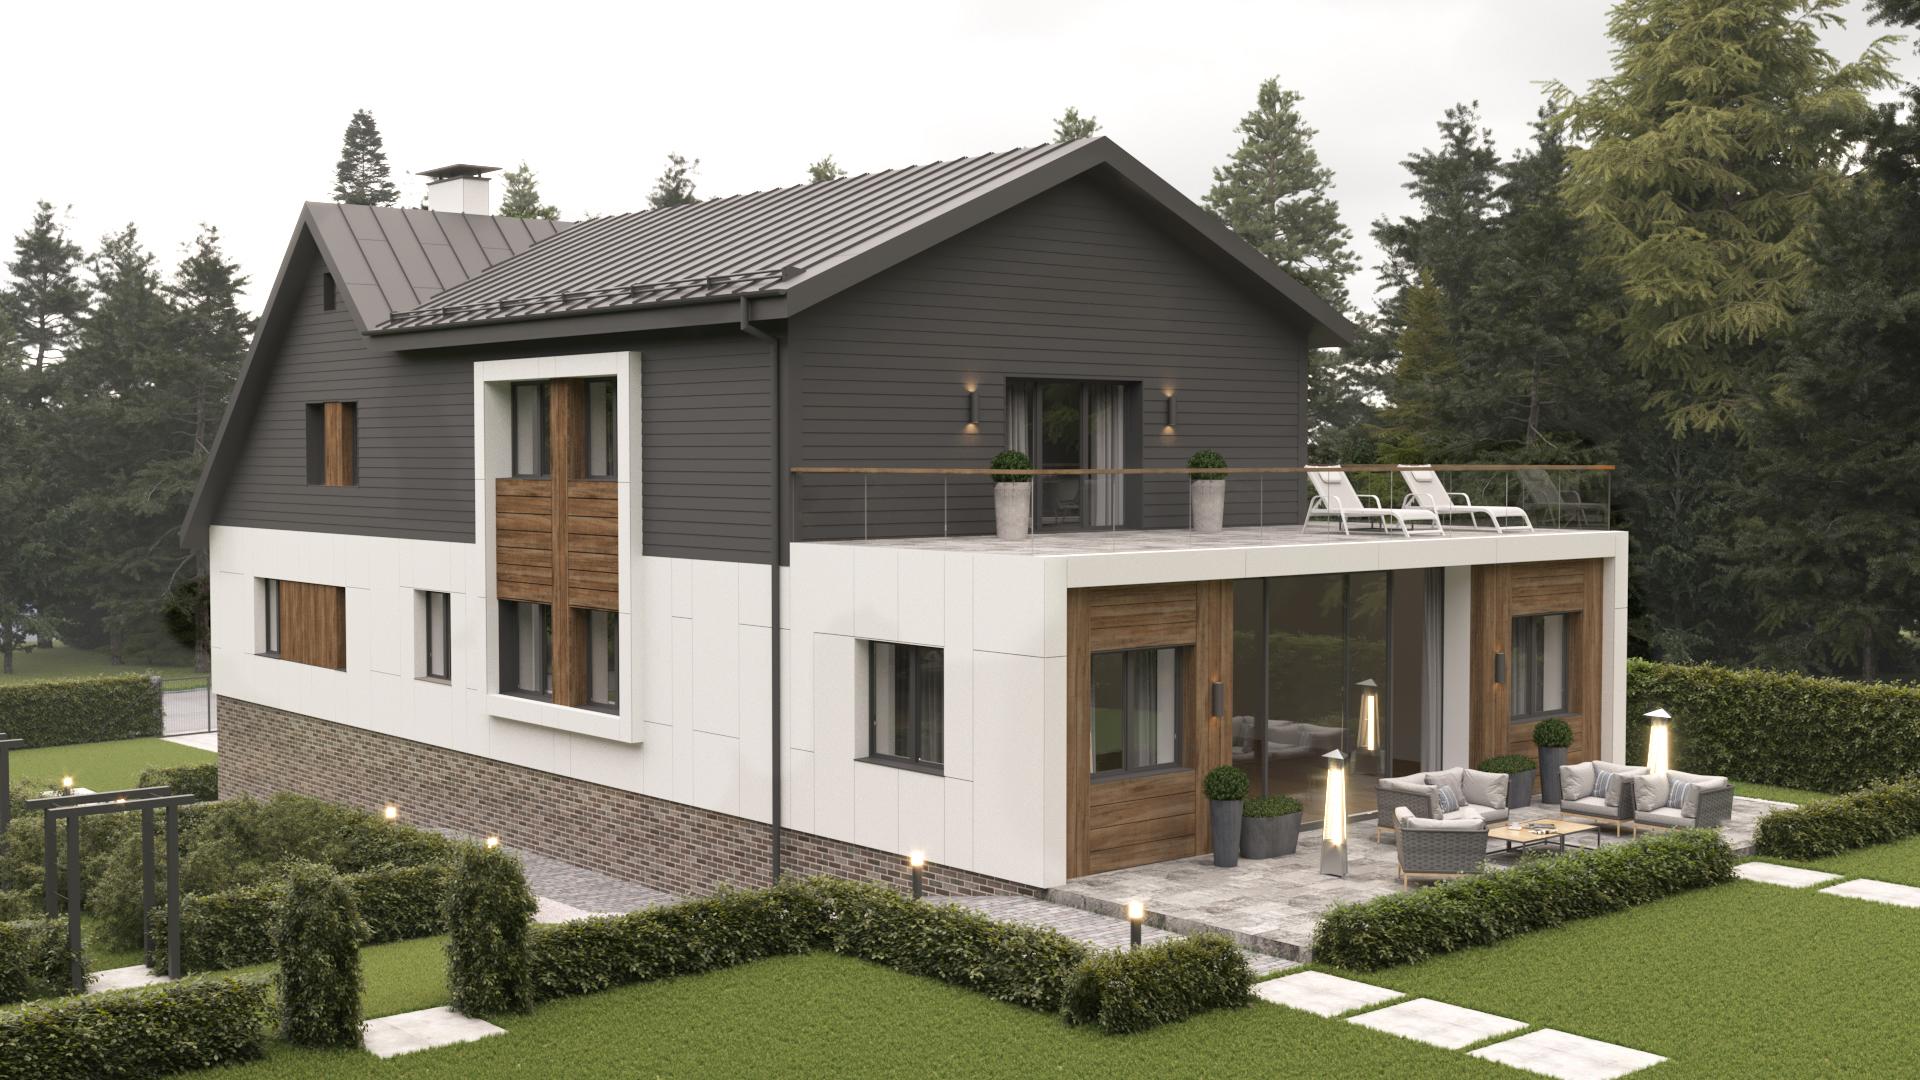 Клинкерная плитка в отделке фасадов дома в Раубичах